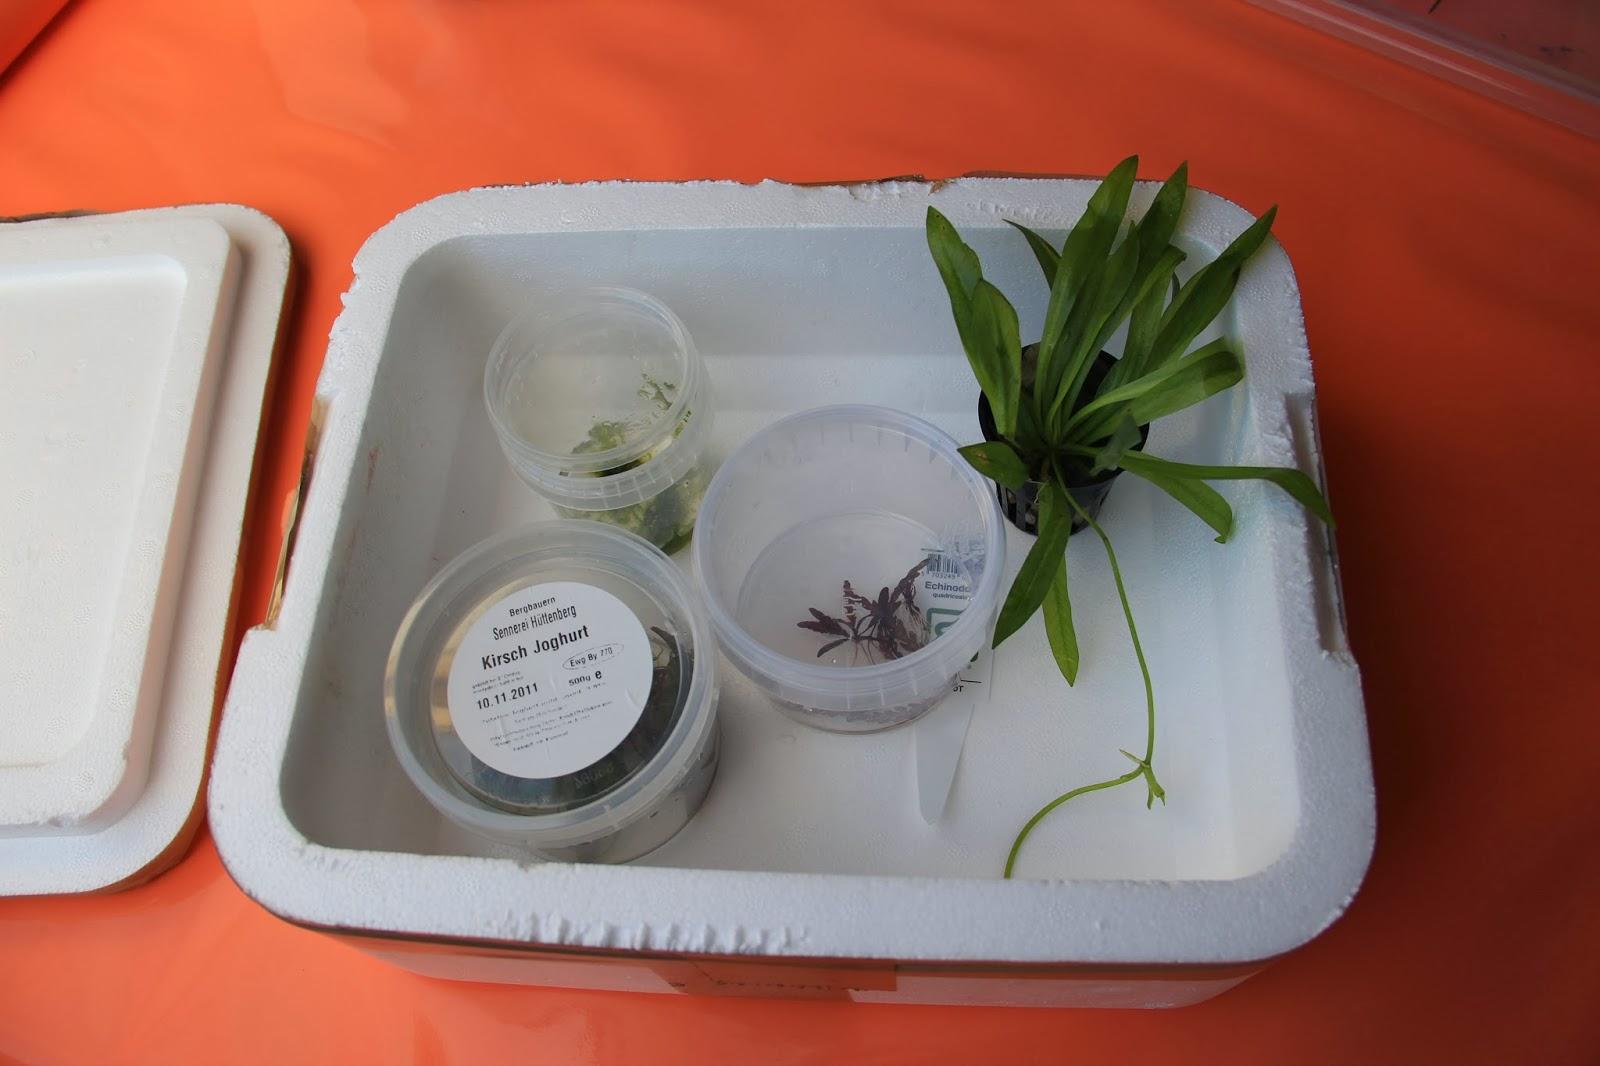 Pflanzen für Wabikusa